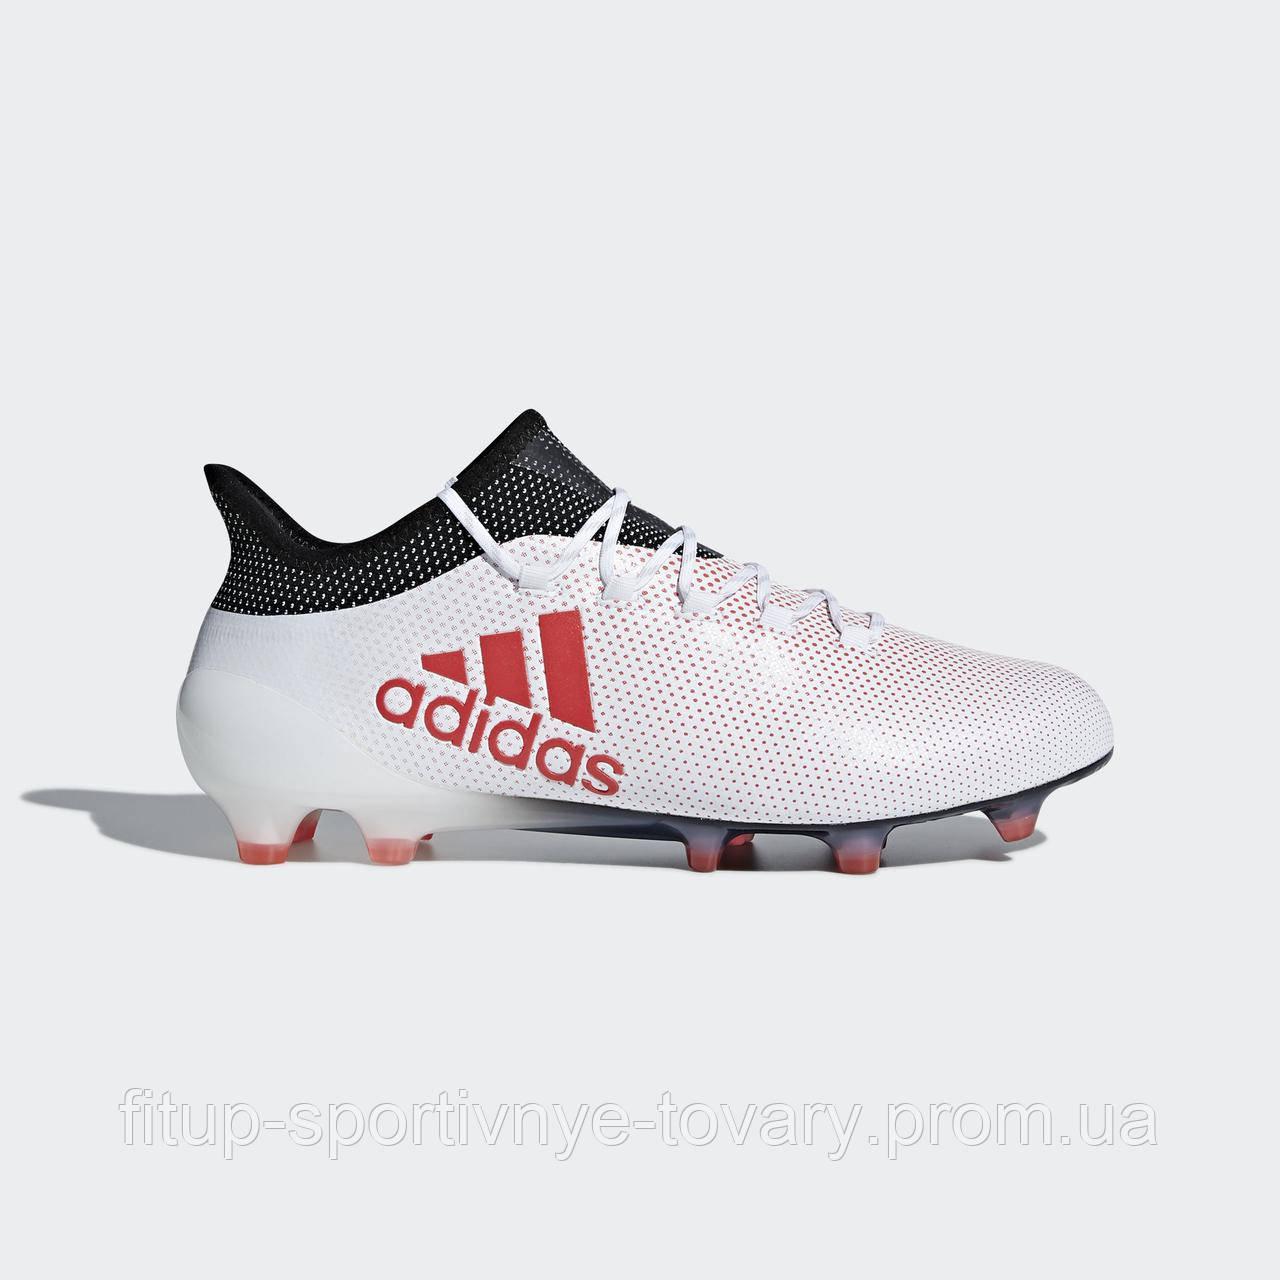 16df9022 Бутсы Adidas X 17.1 FG CP9161, цена 6 490 грн., купить в Киеве ...